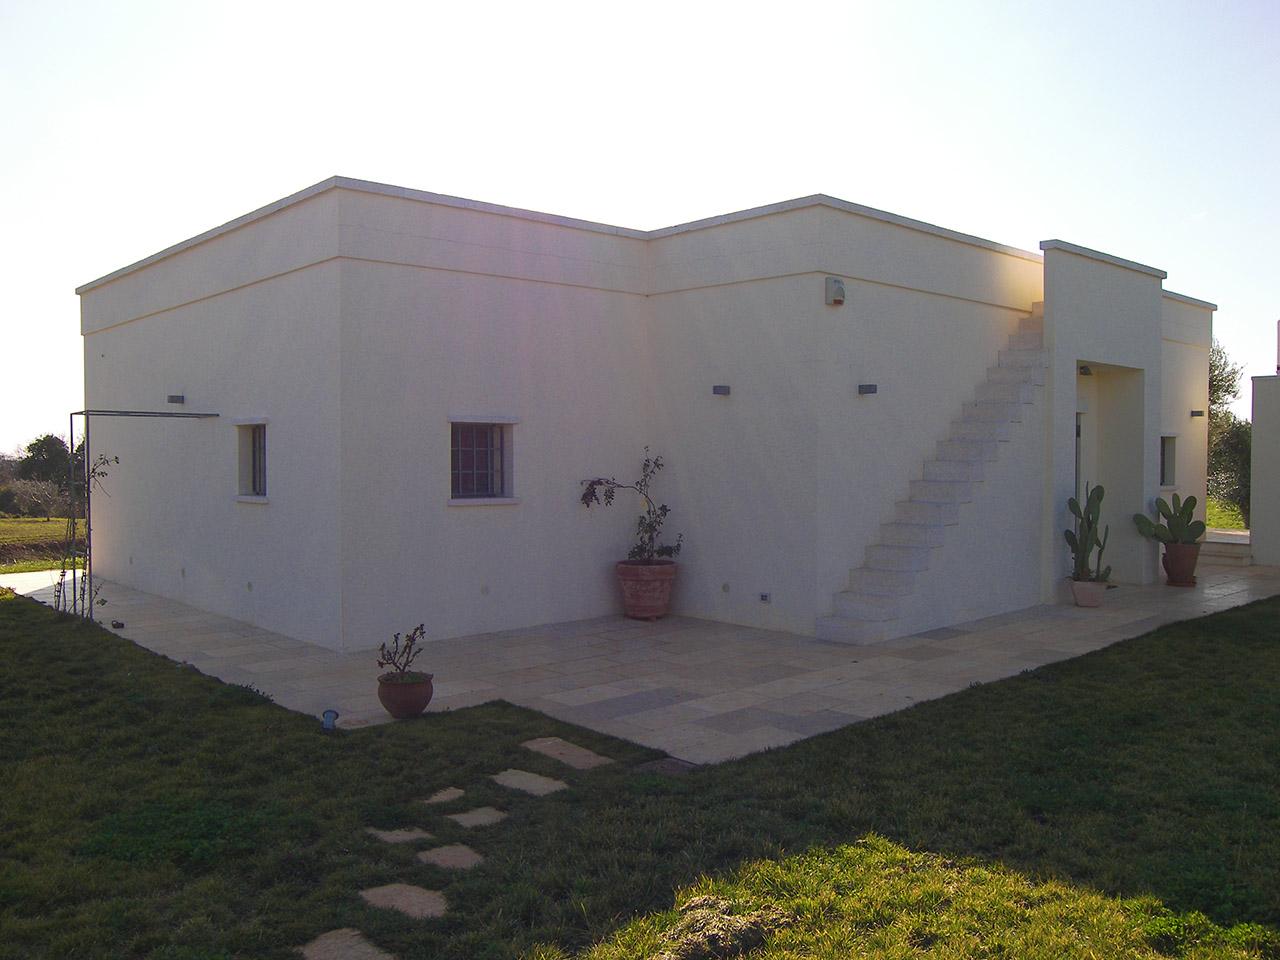 costruzioni restauri sirio ostuni nuova residenza privata ristrutturazione satia ostuni 100 3940